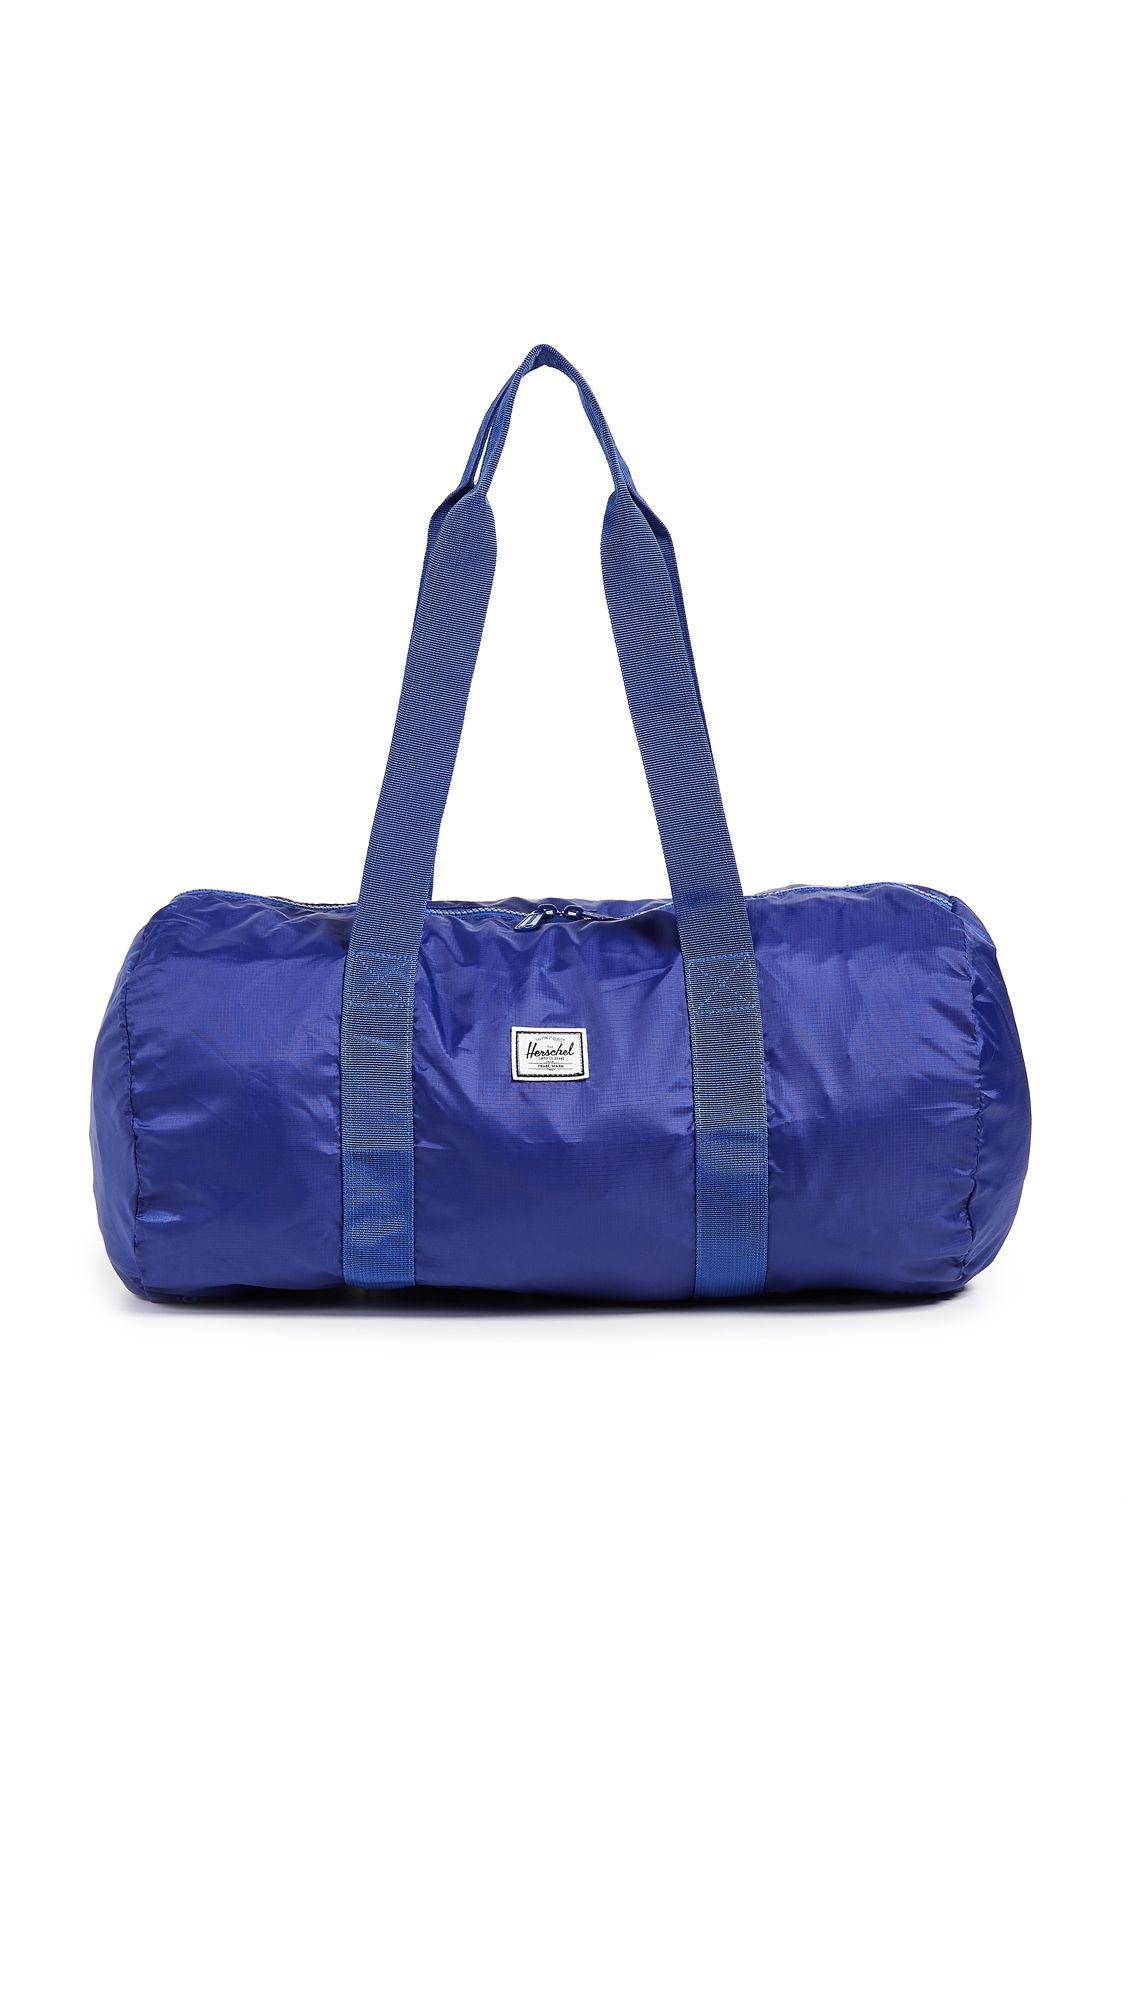 8e68cae98b6f HERSCHEL SUPPLY CO. PACKABLE DUFFEL.  herschelsupplyco.  bags  shoulder bags